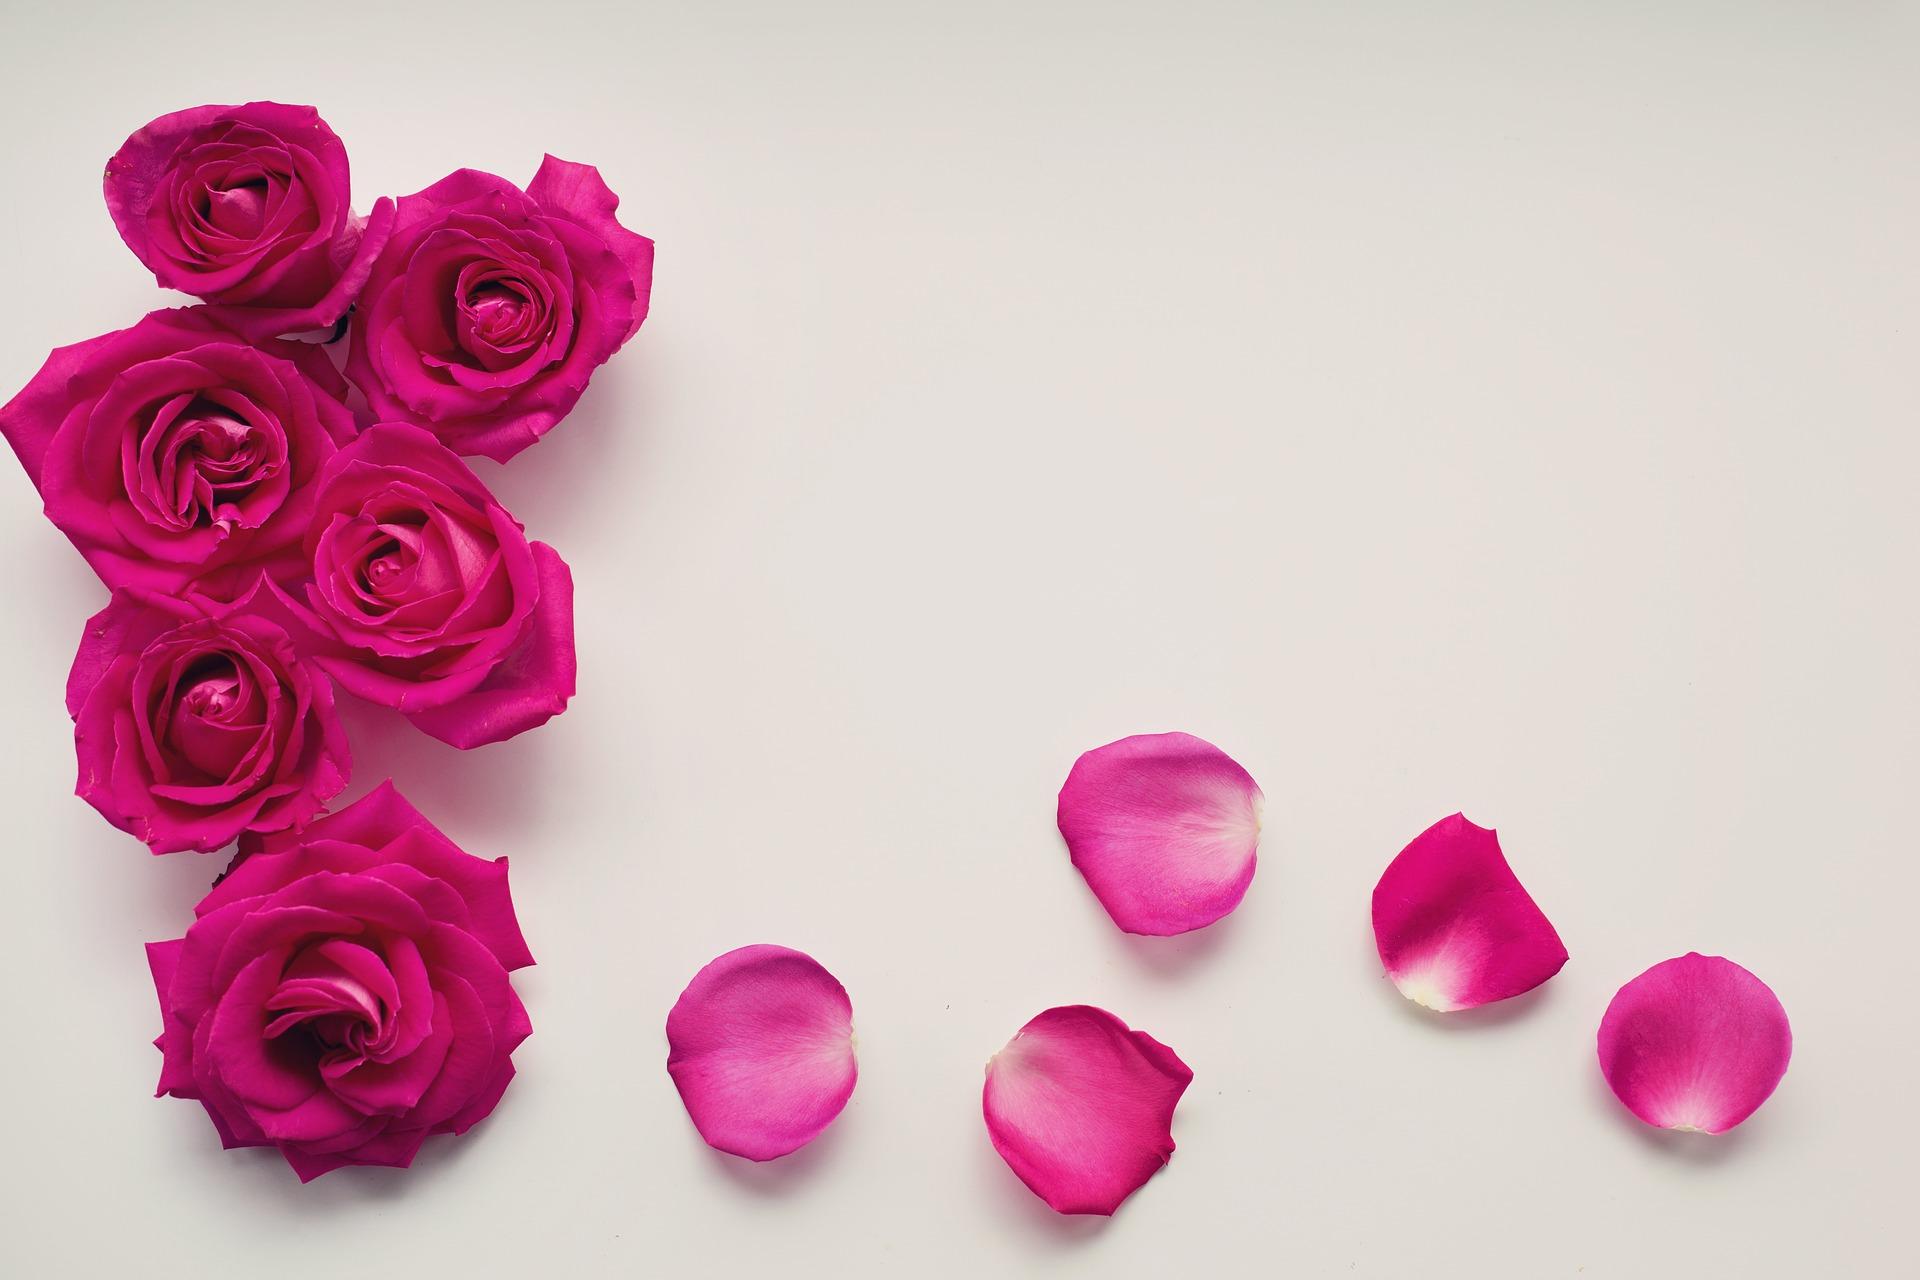 Rosa Rosen auf grauem Hintergrund